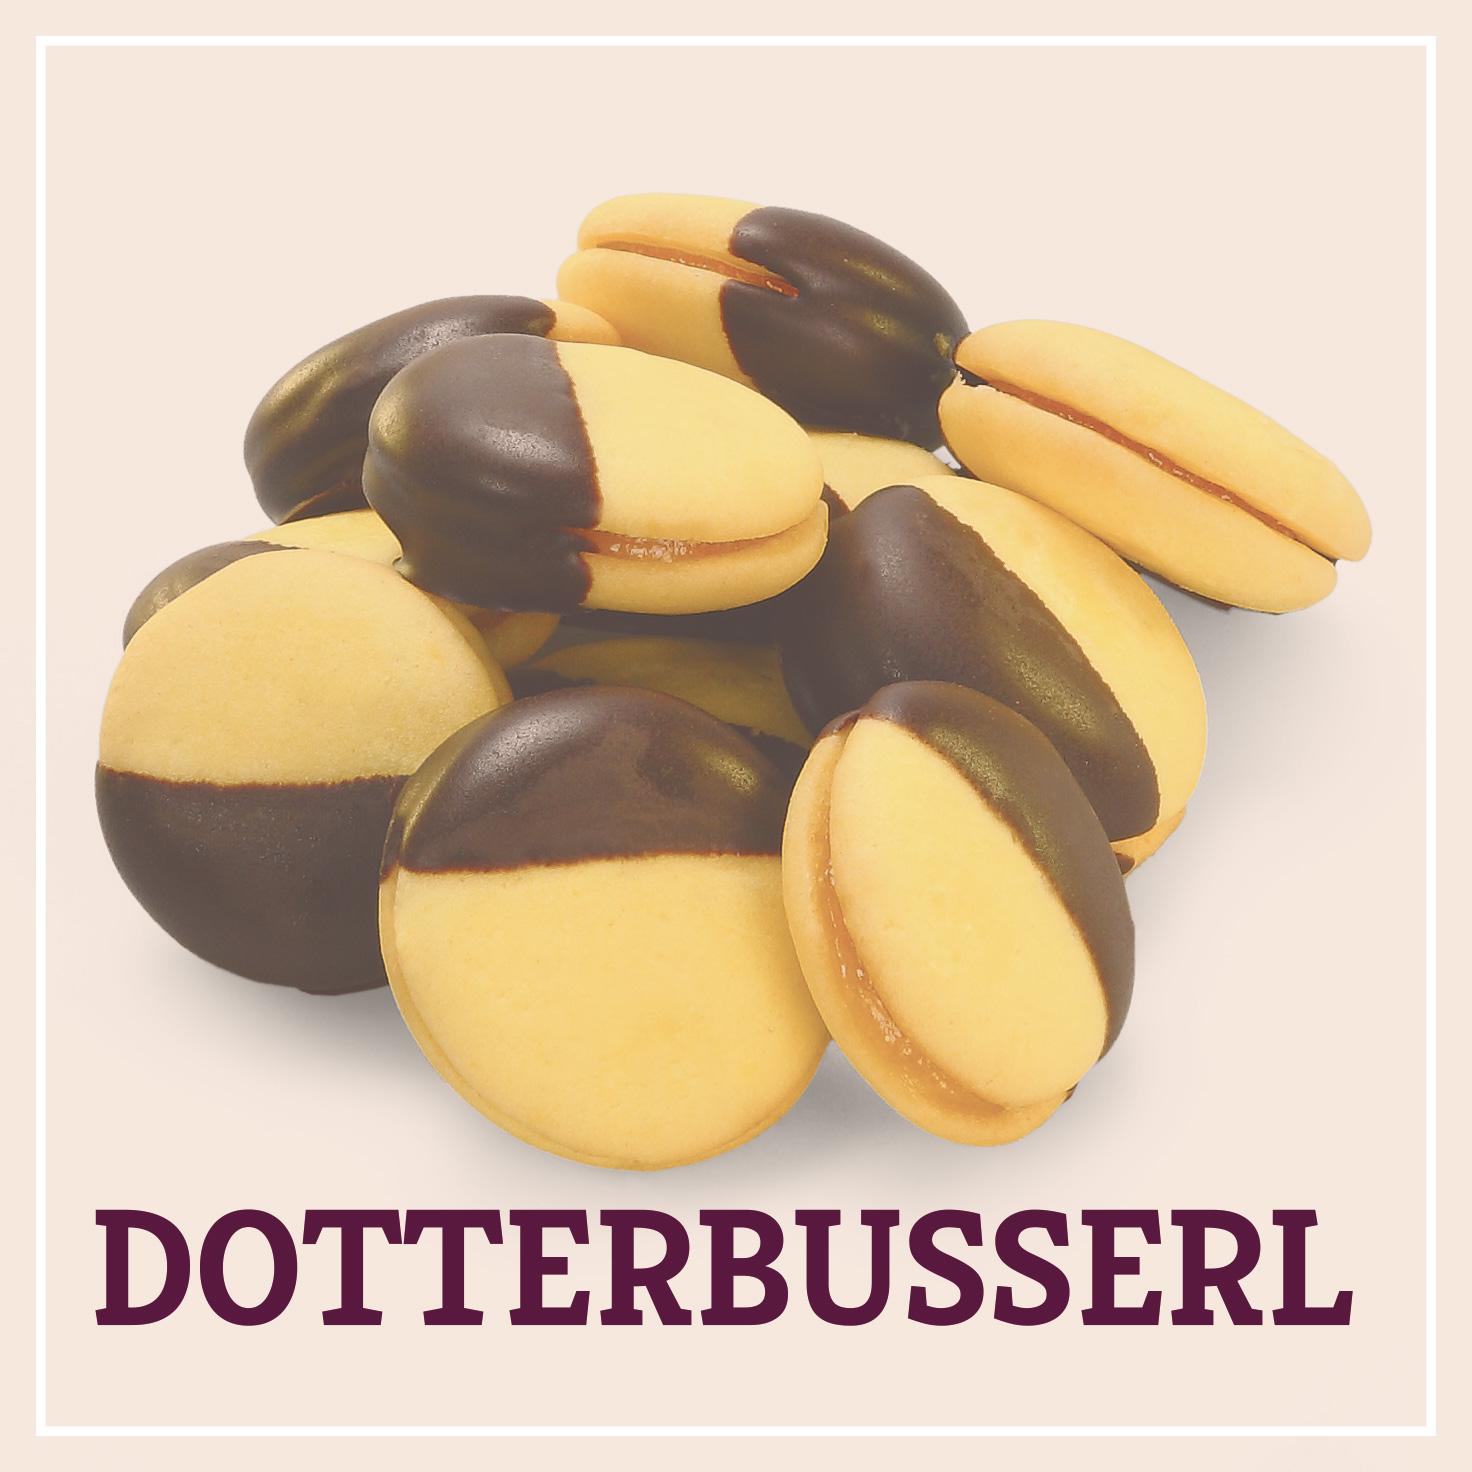 Heiss & Süß - Dotterbusserl